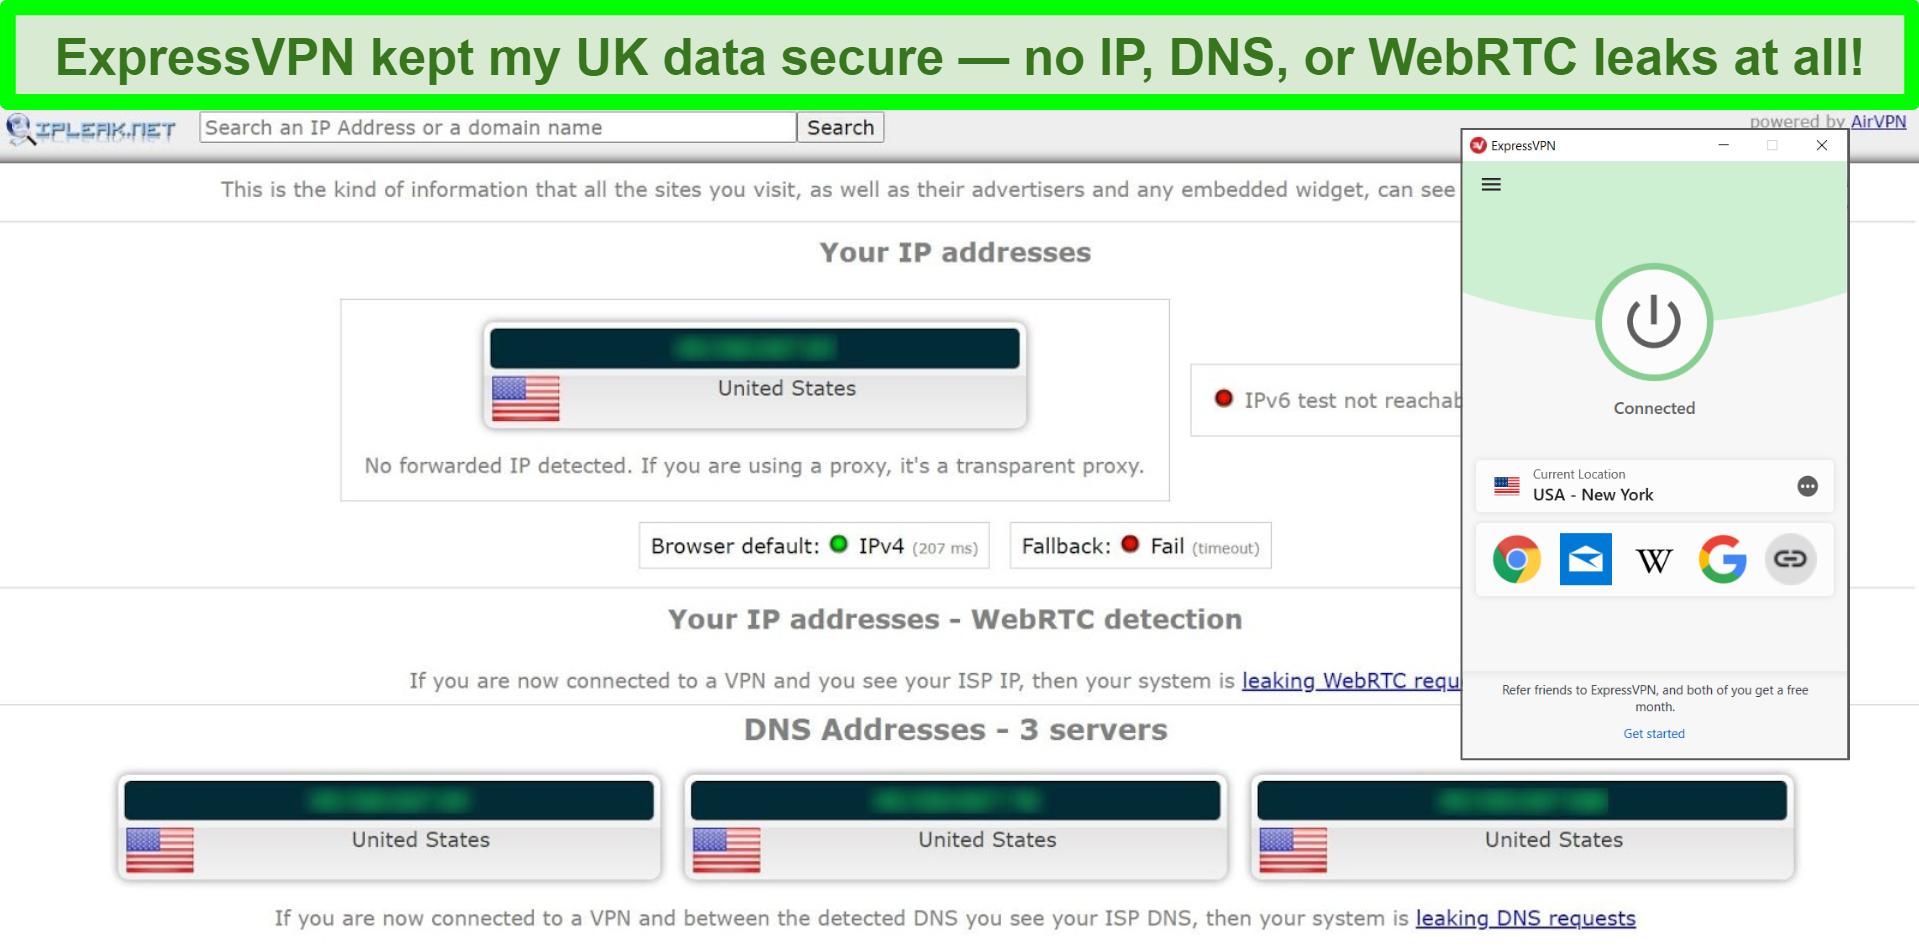 Screenshot of ExpressVPN leak test from IPLeak.net showing zero data leaks